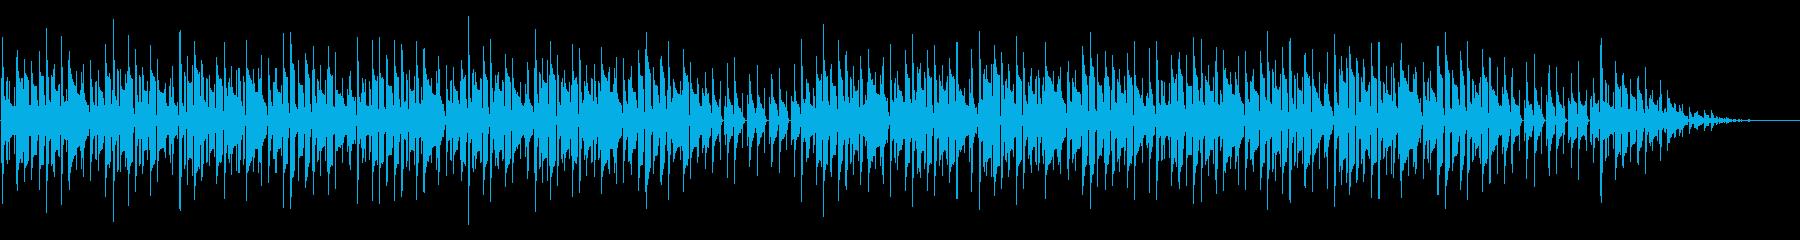 童謡「こいのぼり」脱力系アレンジの再生済みの波形